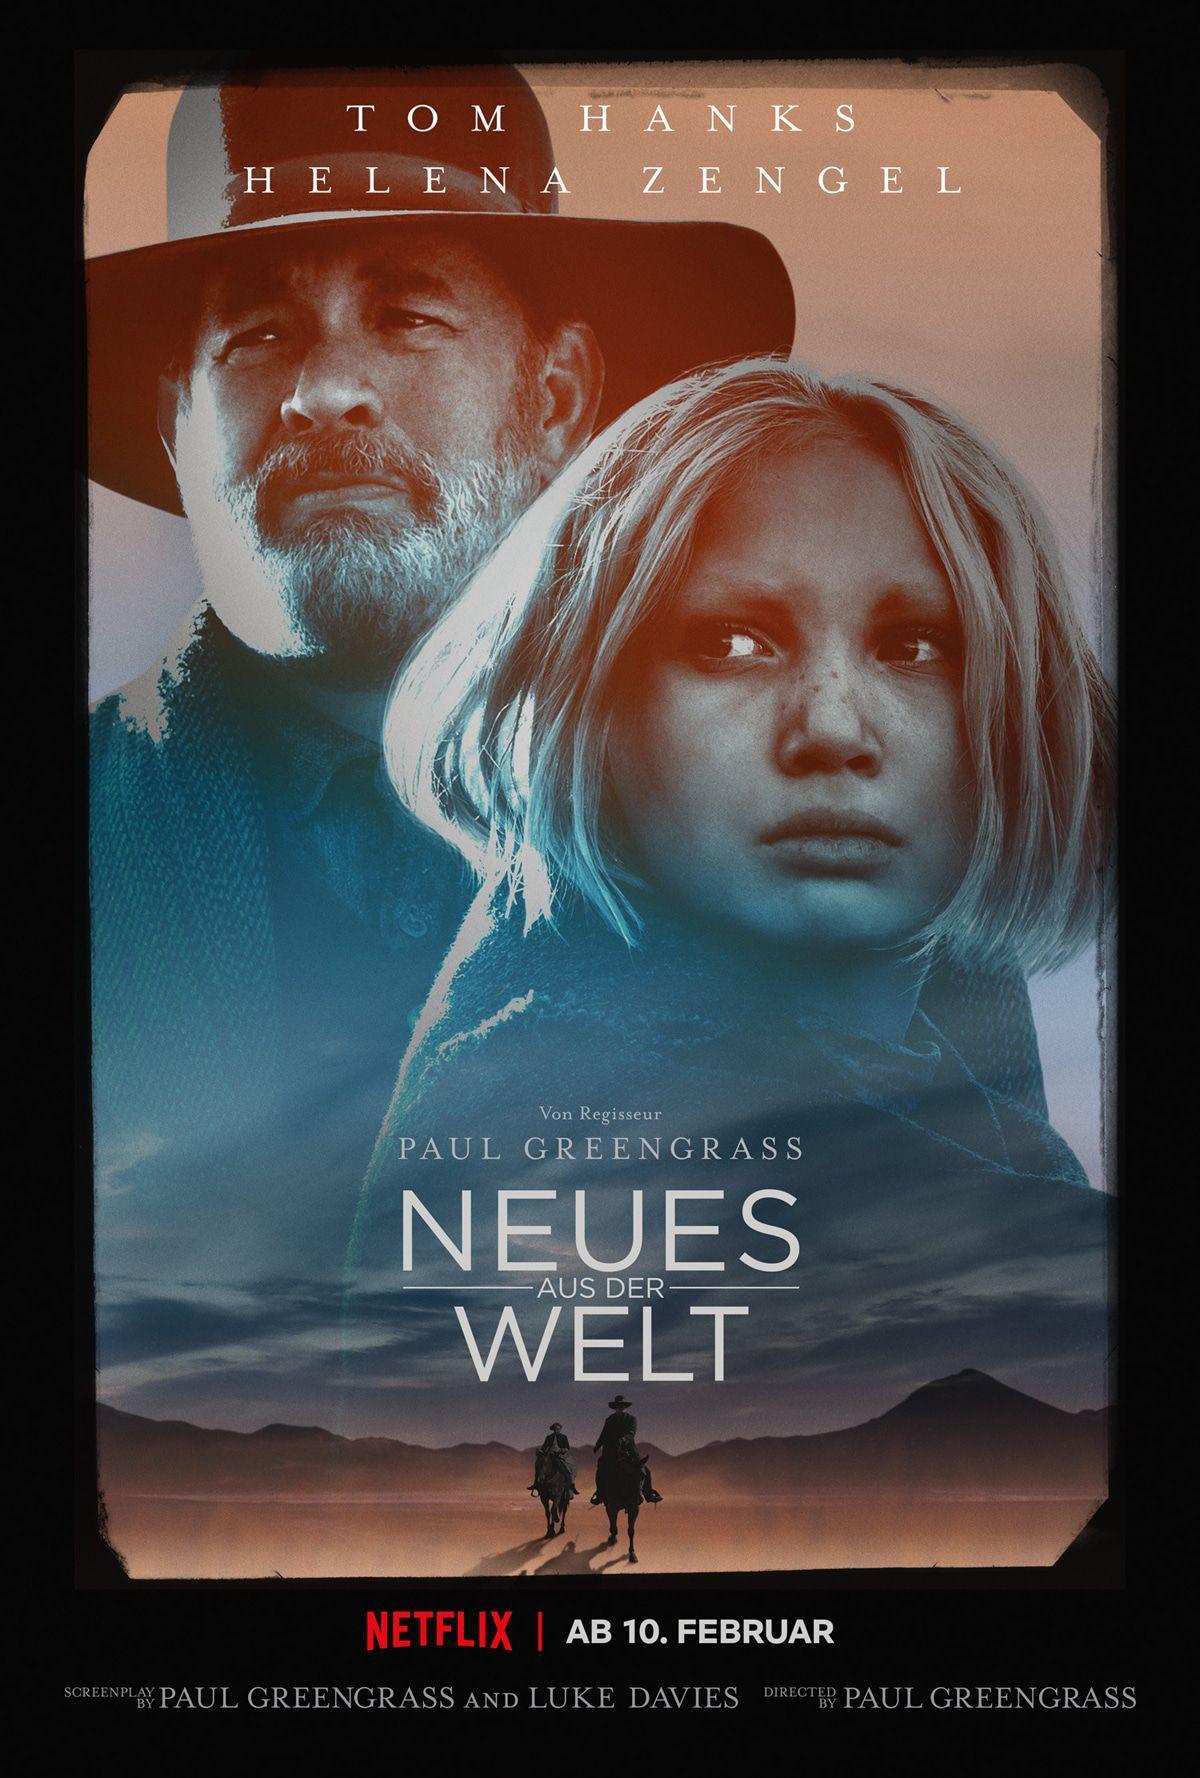 Helena Zengel: Alles über den Berliner Jungstar neben Tom Hanks